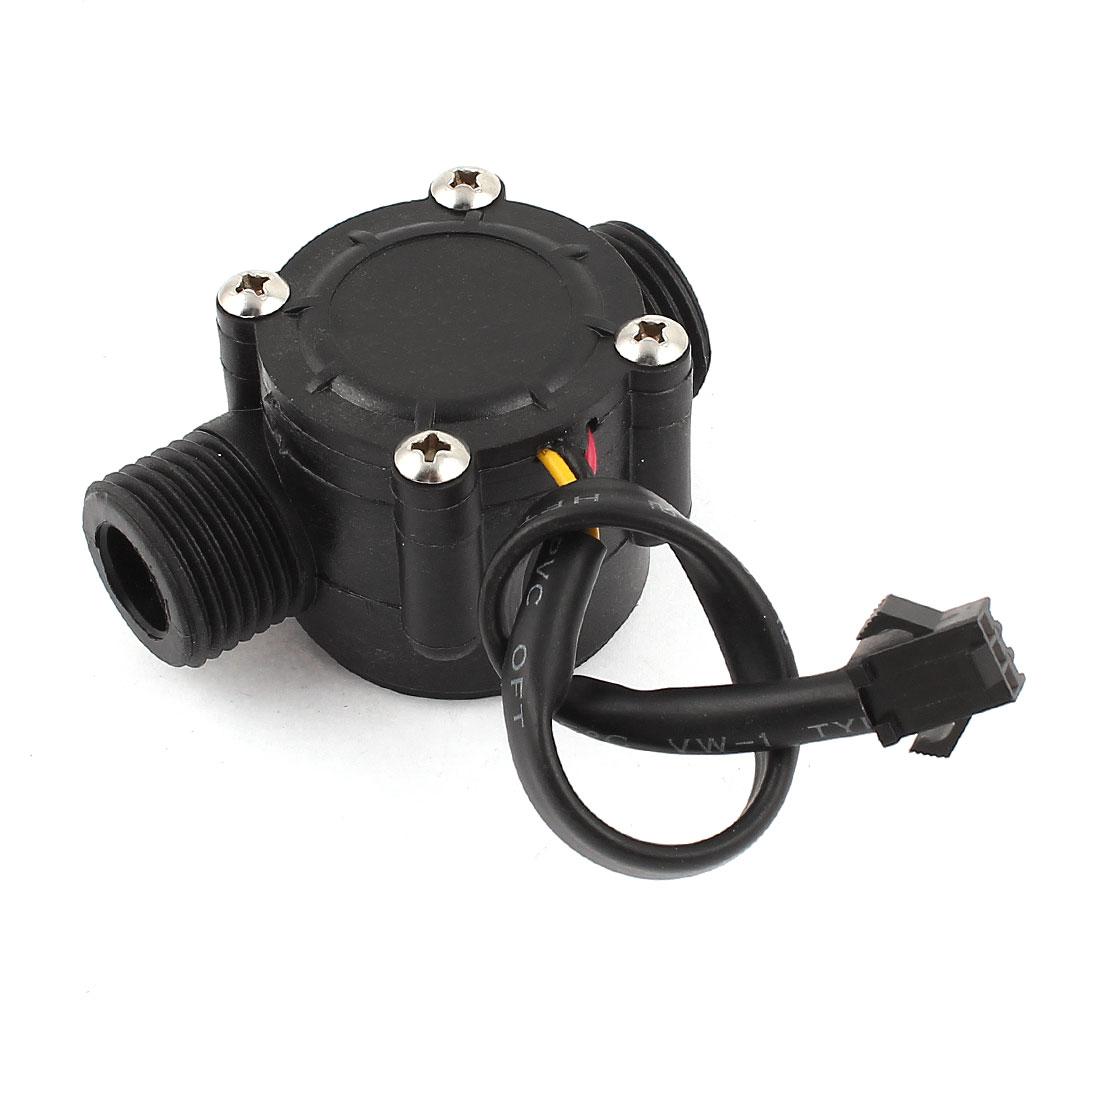 0.5-30L/min 0.8Mpa G1/2 Water Fluid Flow Control Hall Sensor Meter Flowmeter